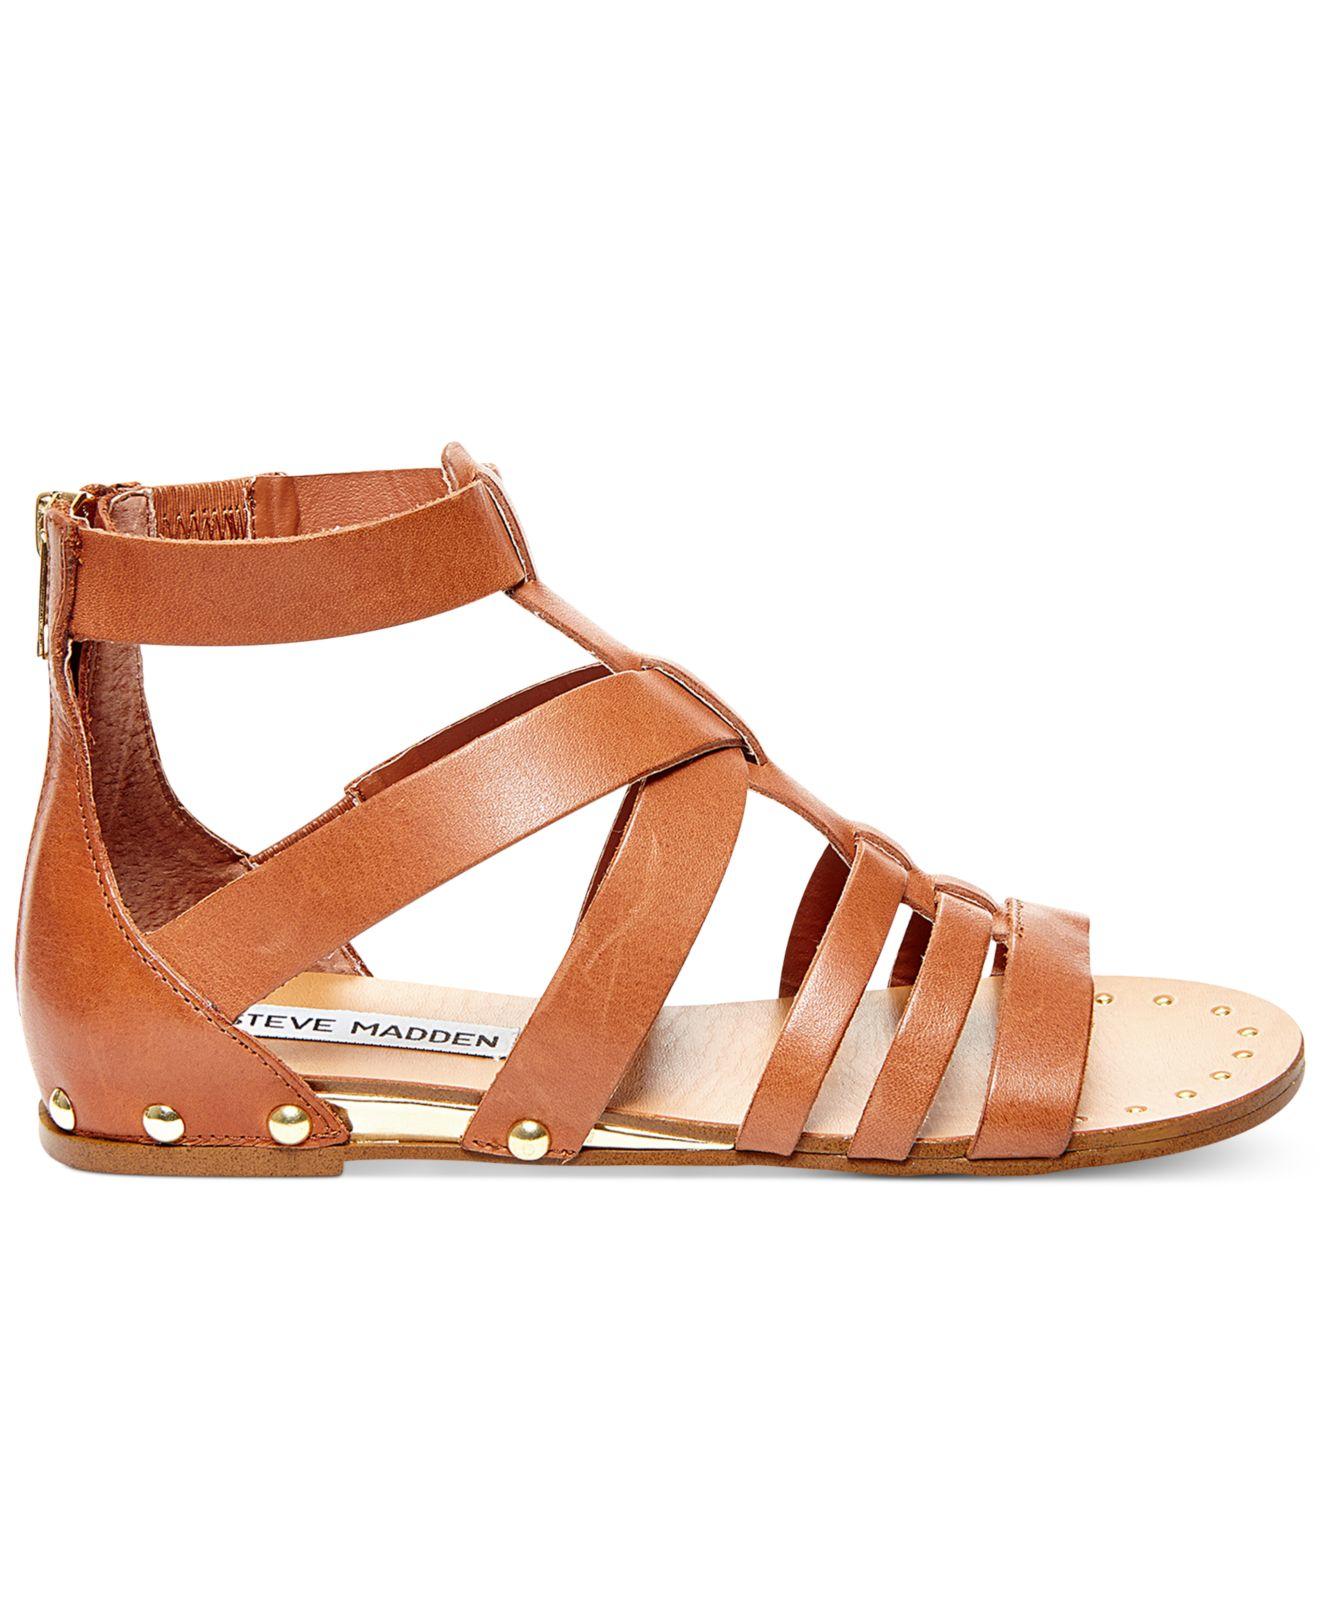 steve madden drastik leather gladiator sandals in brown lyst. Black Bedroom Furniture Sets. Home Design Ideas